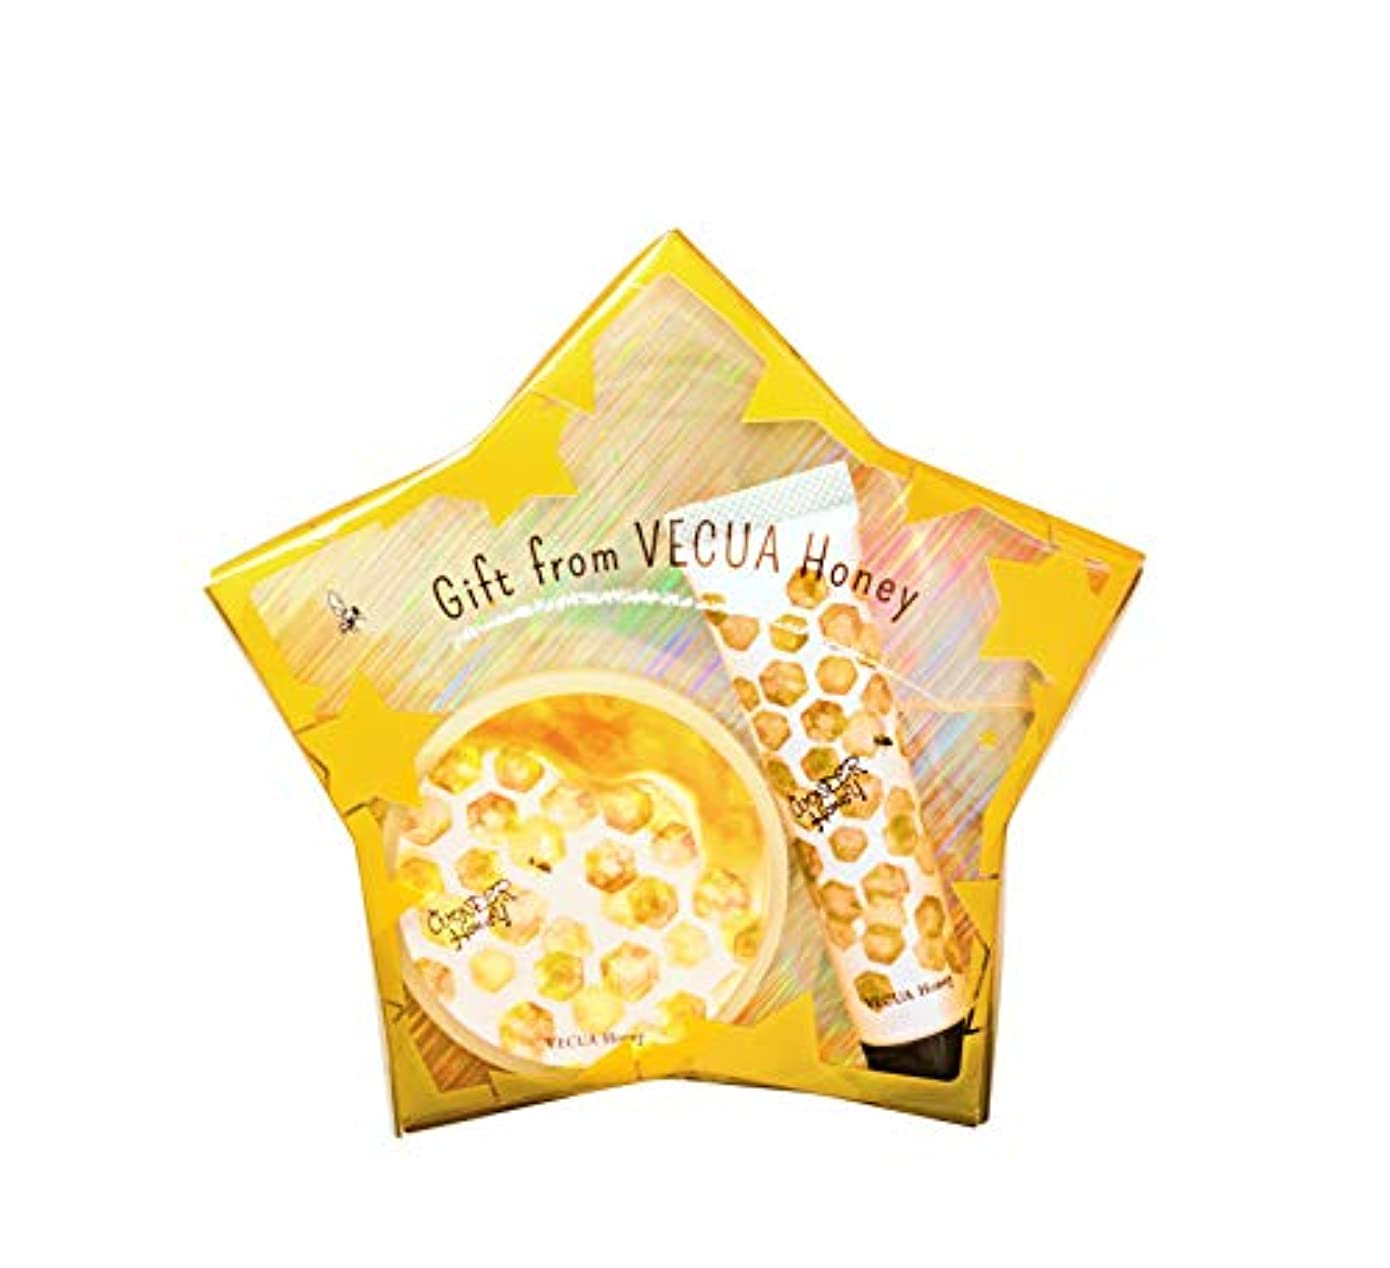 誘惑繊毛臨検ベキュア ハニー(VECUA Honey) ワンダーハニー ギフトセット ハニーポット ボディクリーム 15g+47g